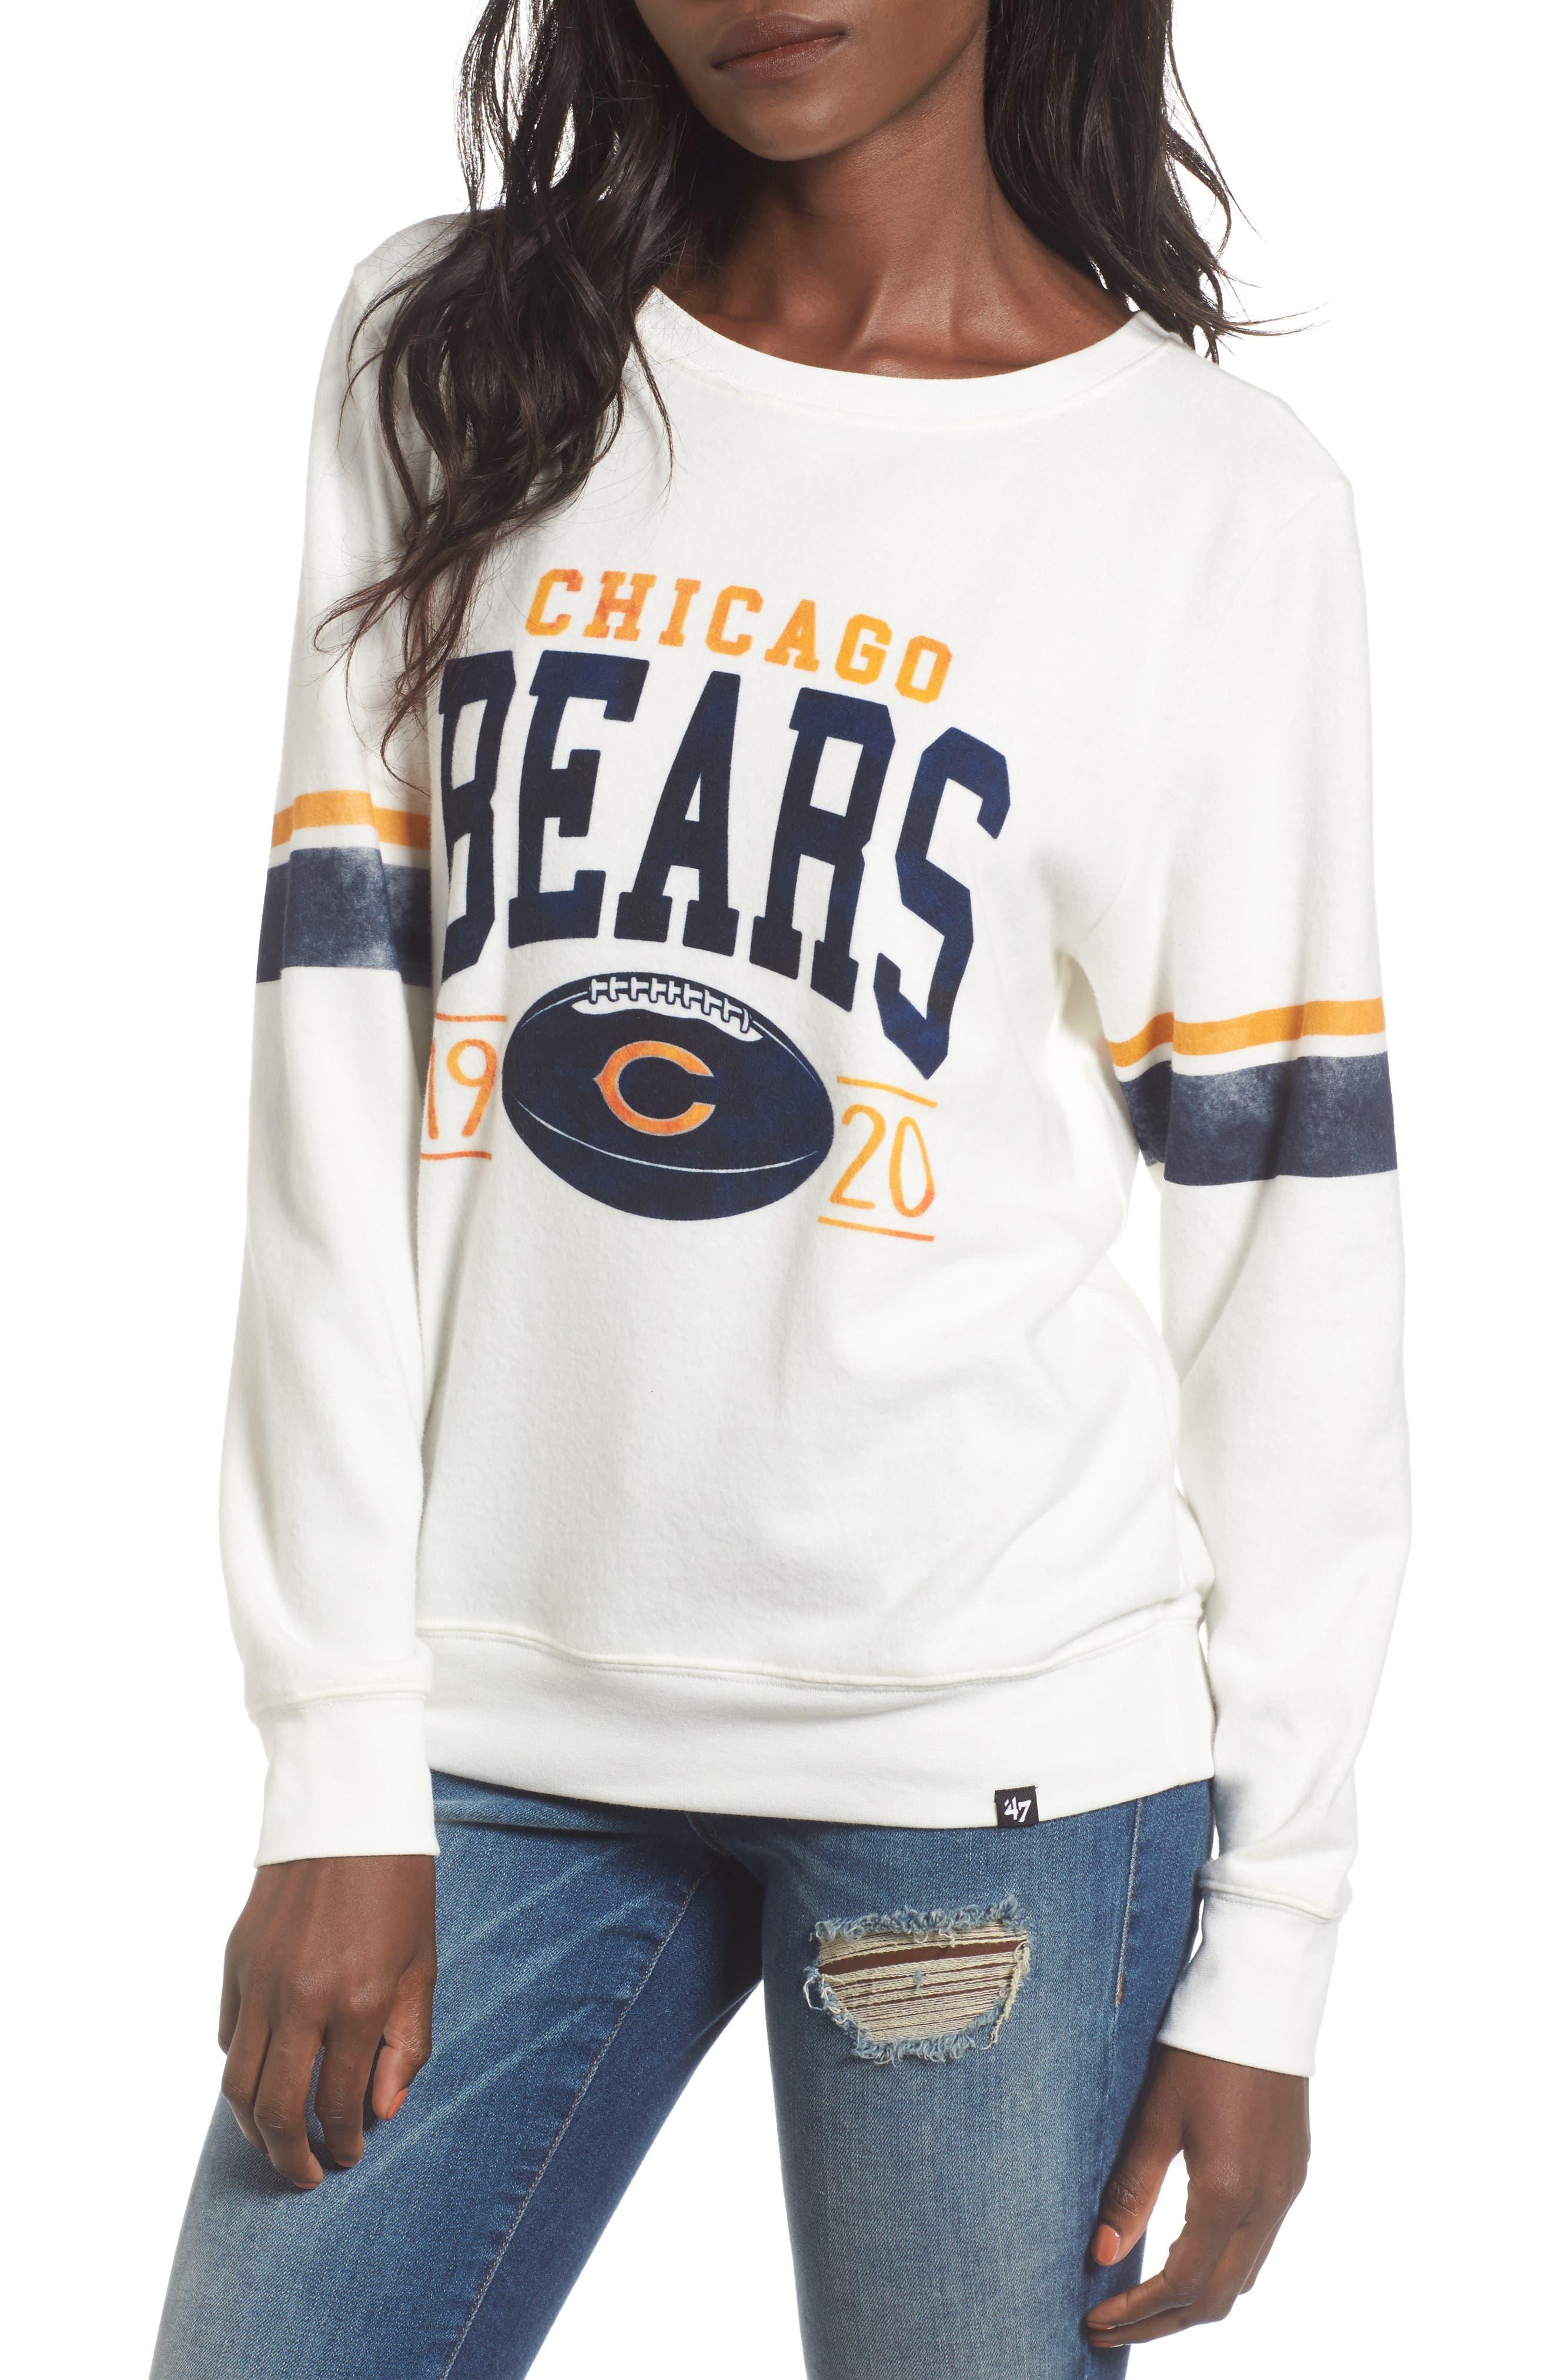 Main Image - '47 Chicago Bears Throwback Sweatshirt